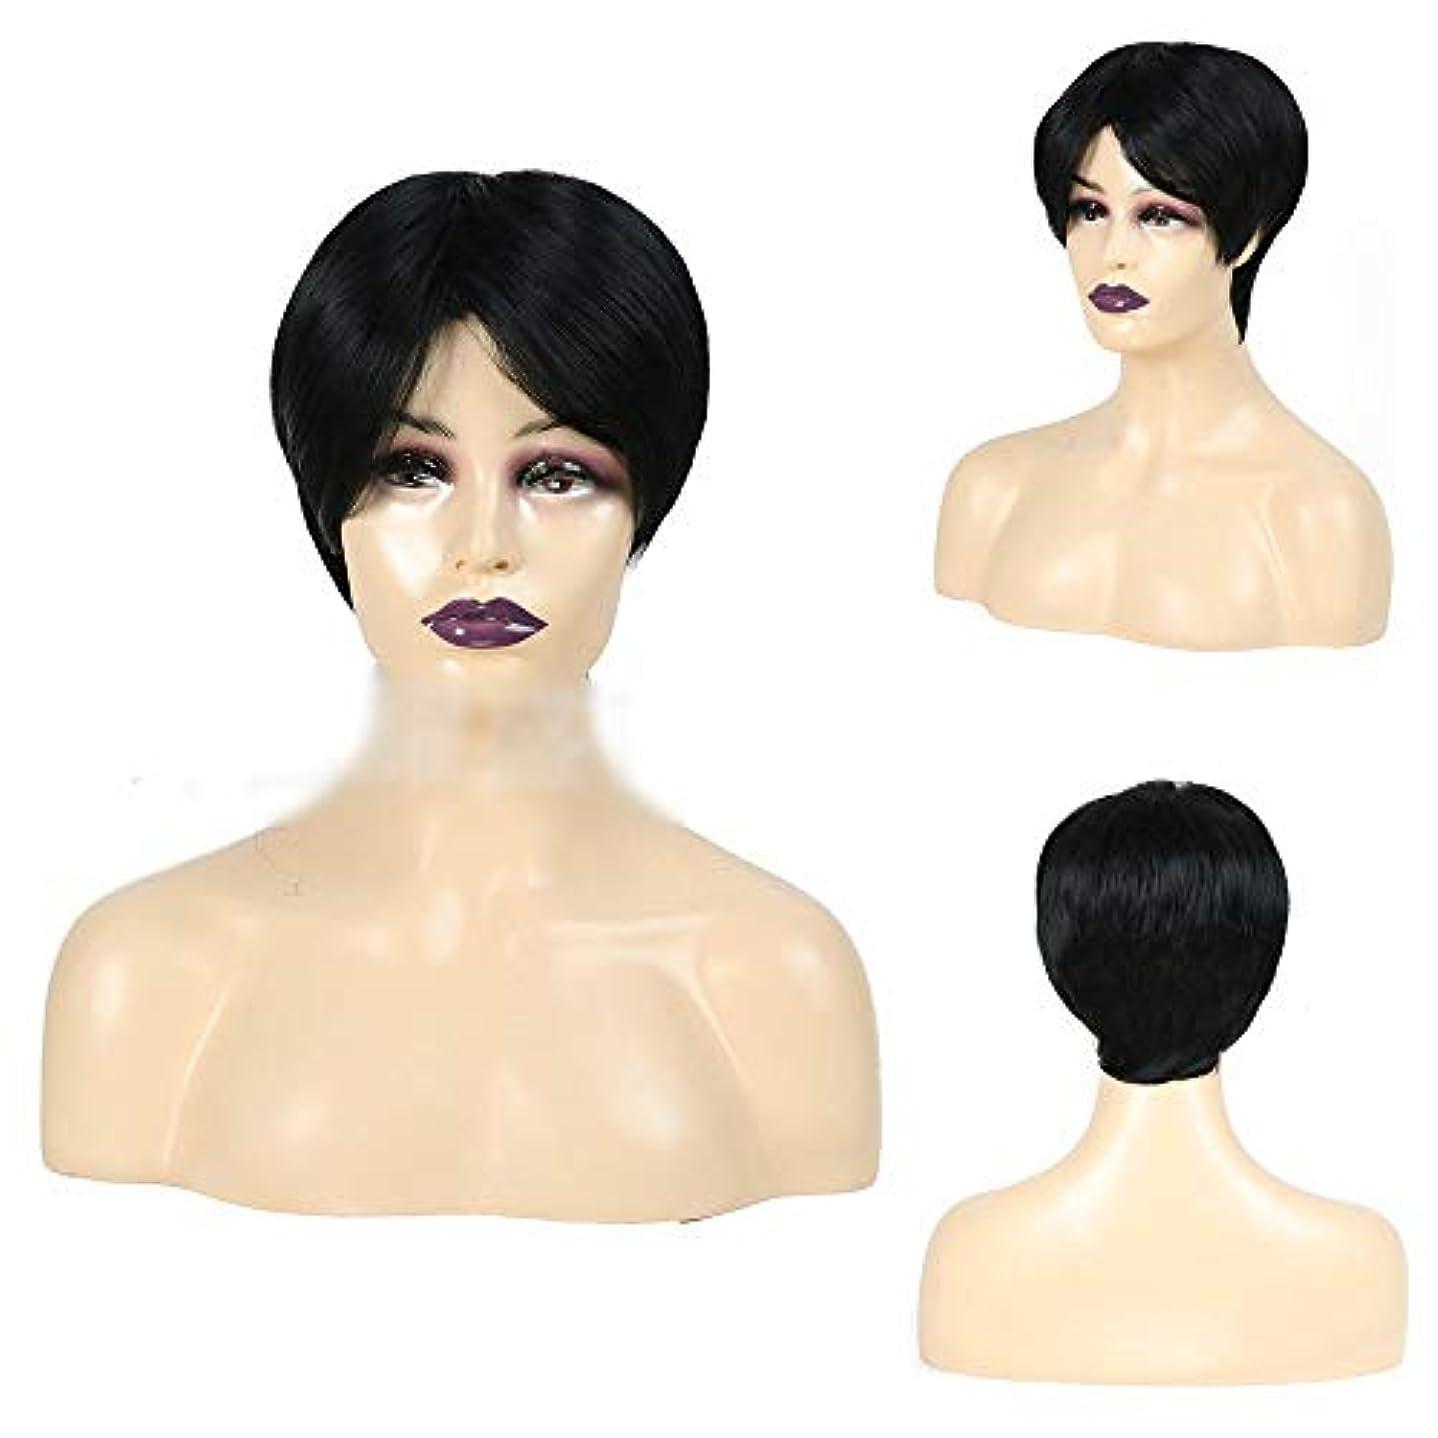 論理的石炭宿泊施設YOUQIU 前髪ショートボブヘアウィッグ高品質の合成髪のかつらを持つ女性の毎日の黒髪ボブウィッグ (色 : 黒)